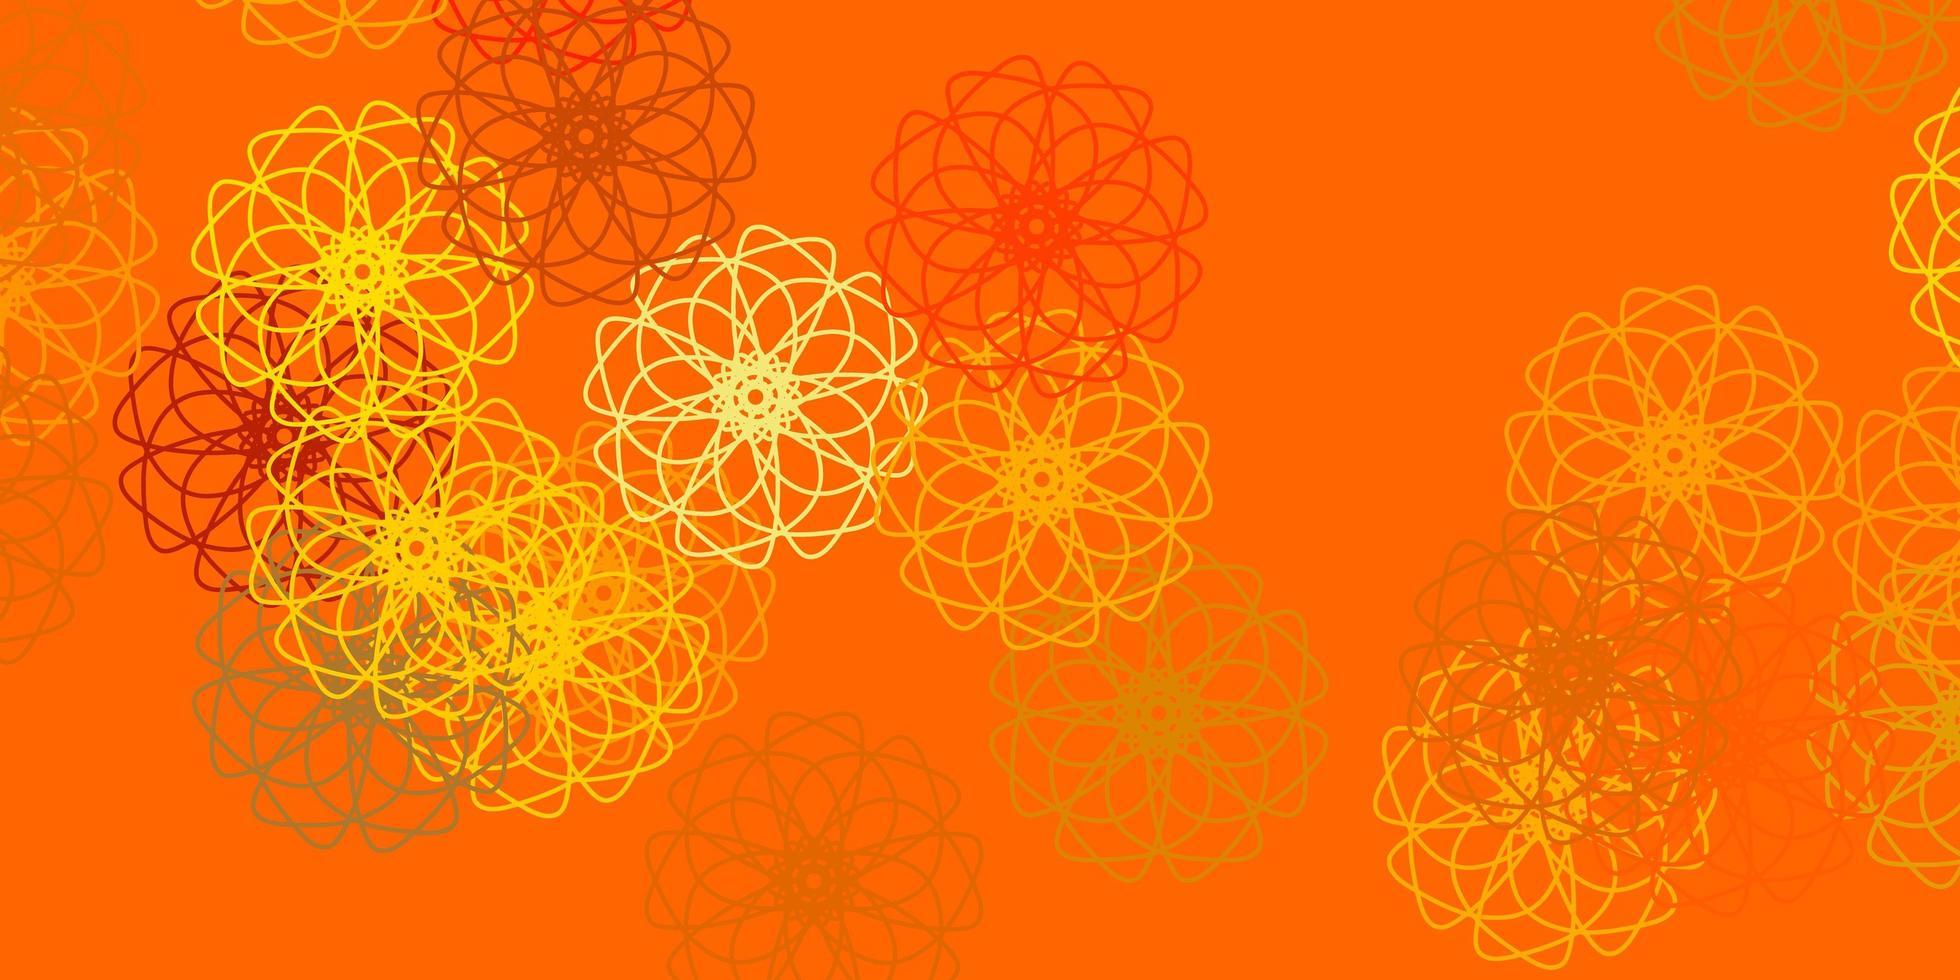 fundo do doodle do vetor amarelo claro com flores.